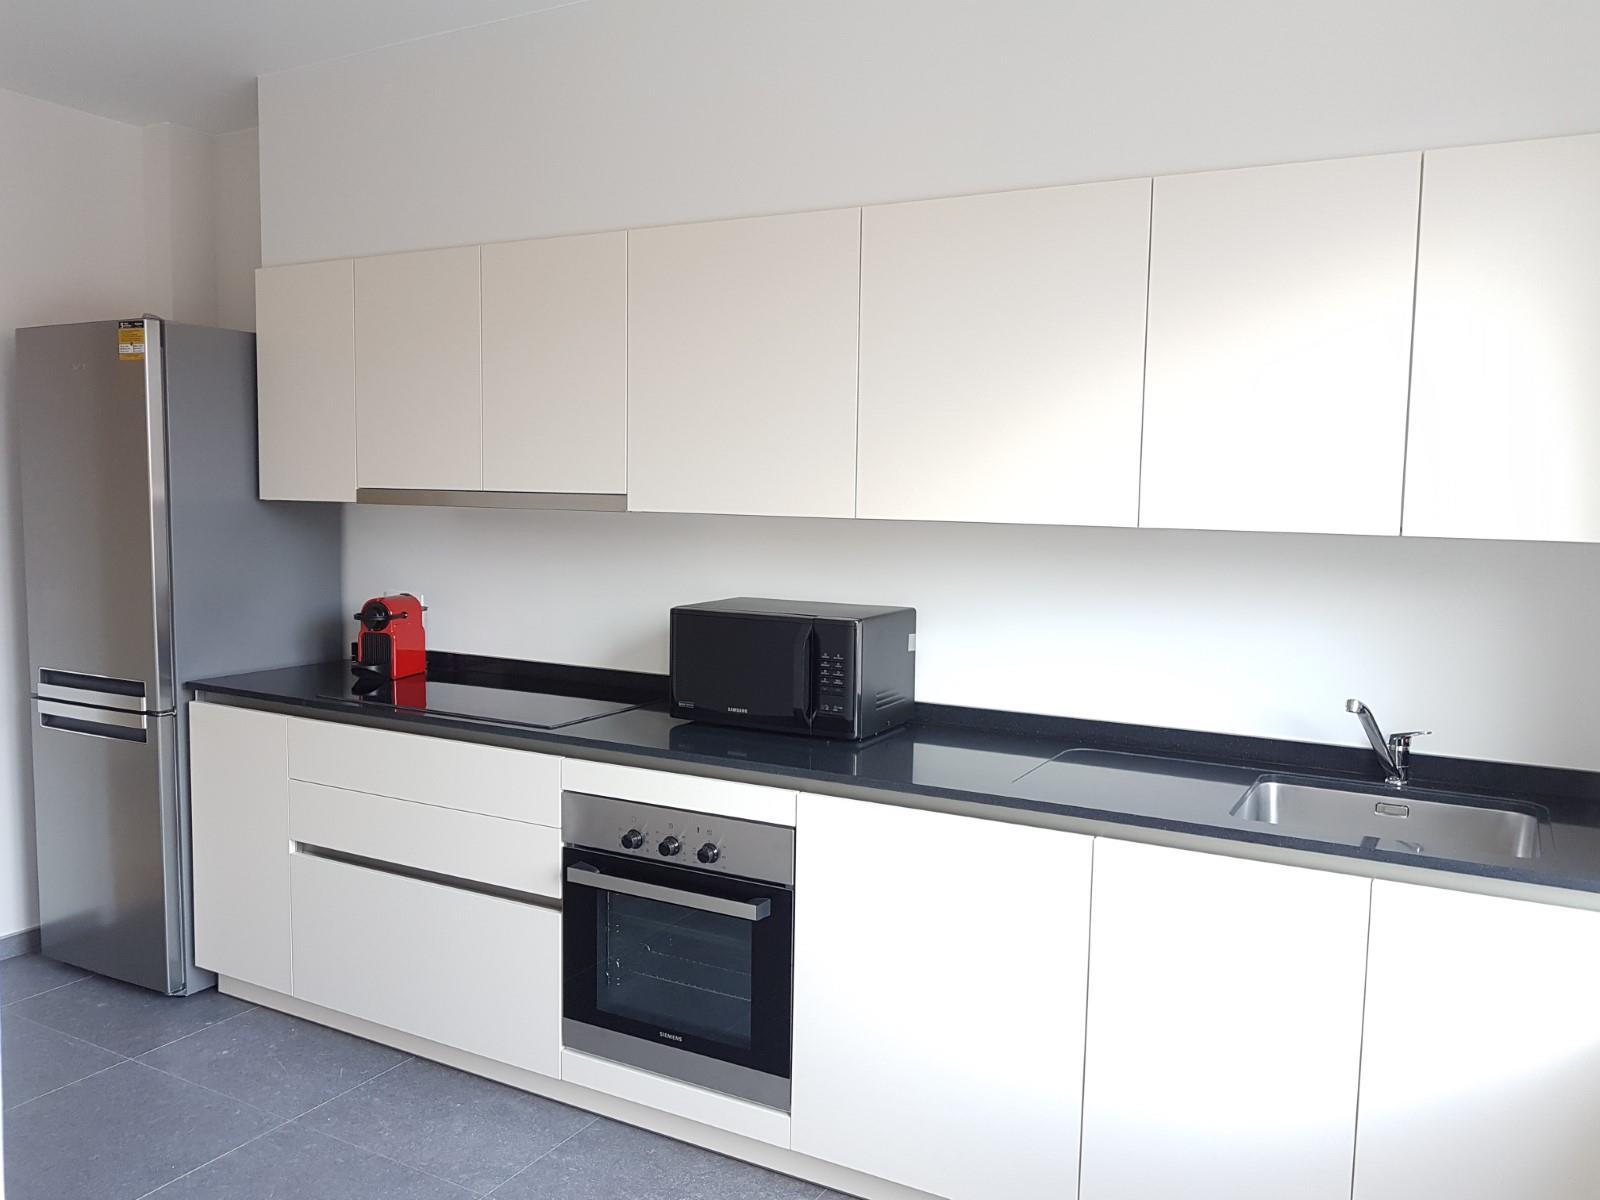 Appartement exceptionnel - Rhode-Saint-Genèse - #4056371-28